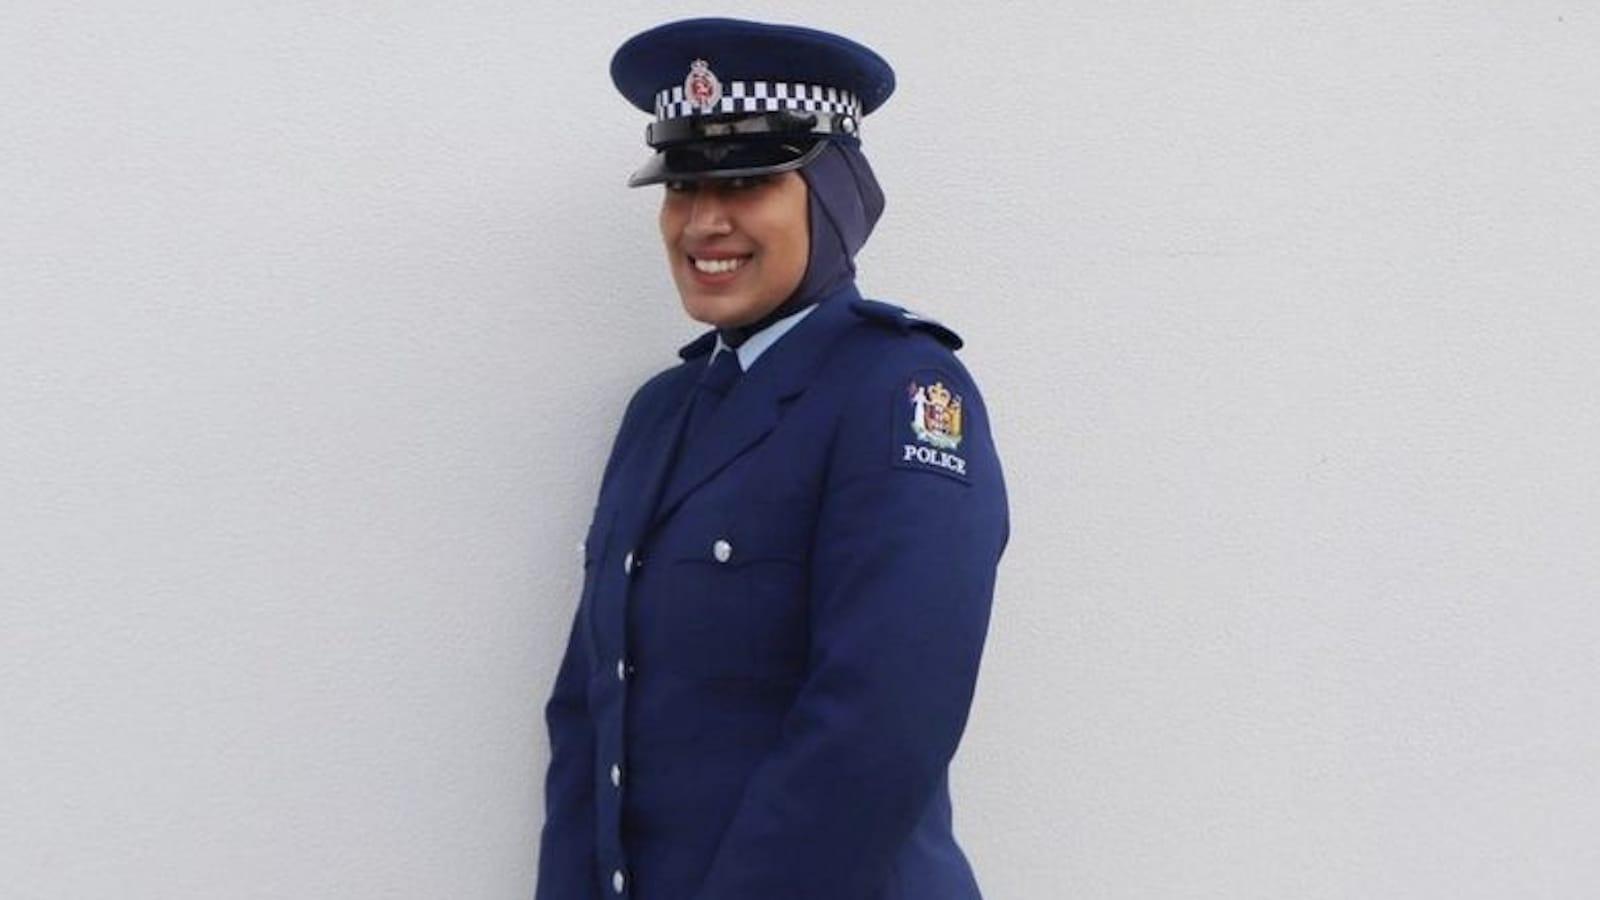 Yeni Zelanda polisi, resmi üniformasına başörtüsü ekledi